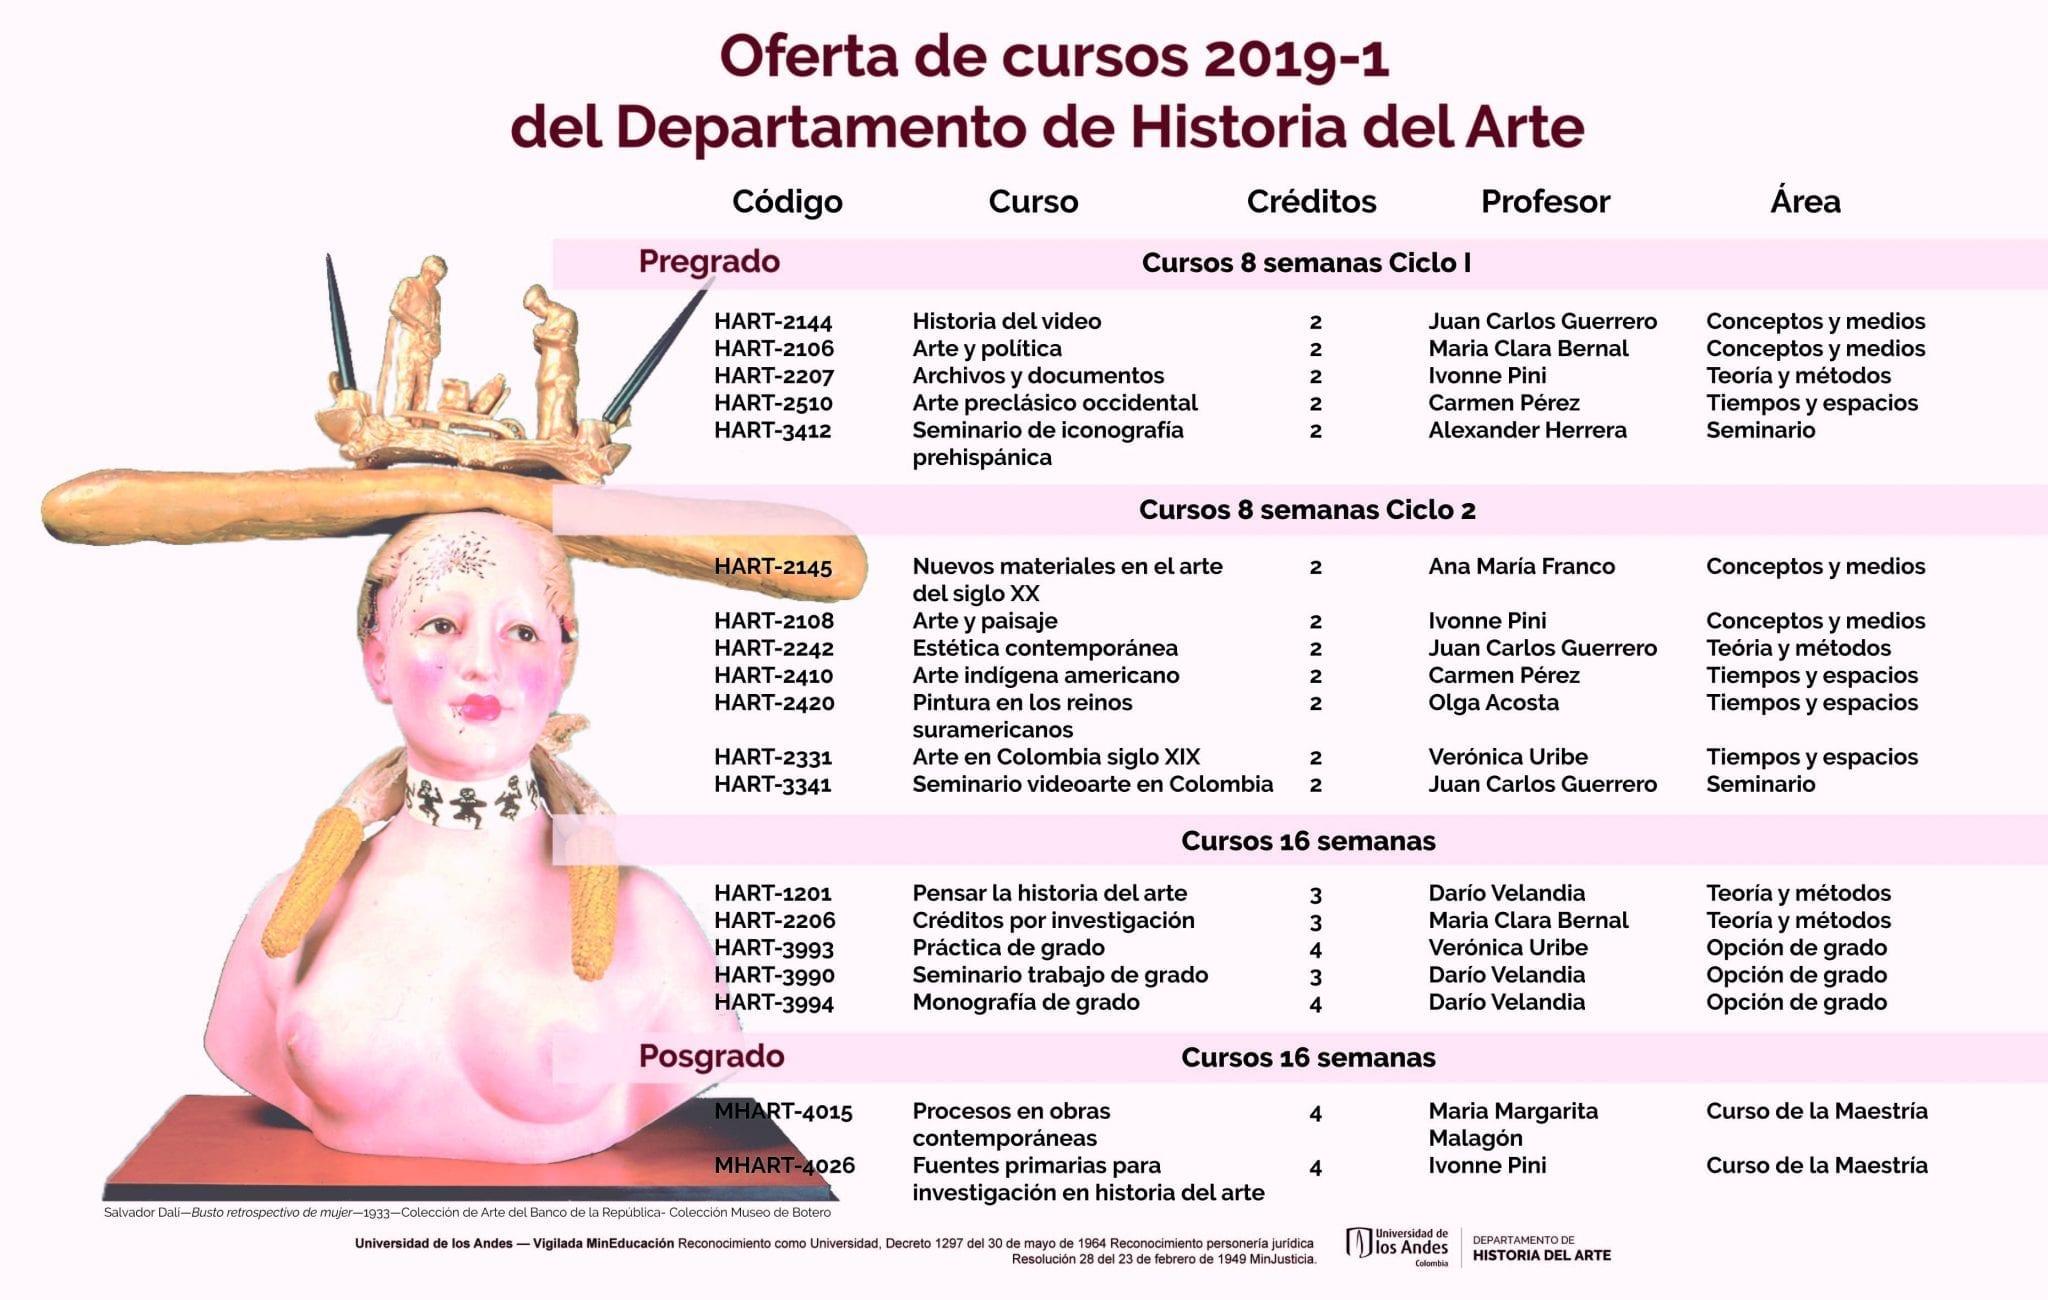 Oferta de cursos Historia del Arte 2019-1